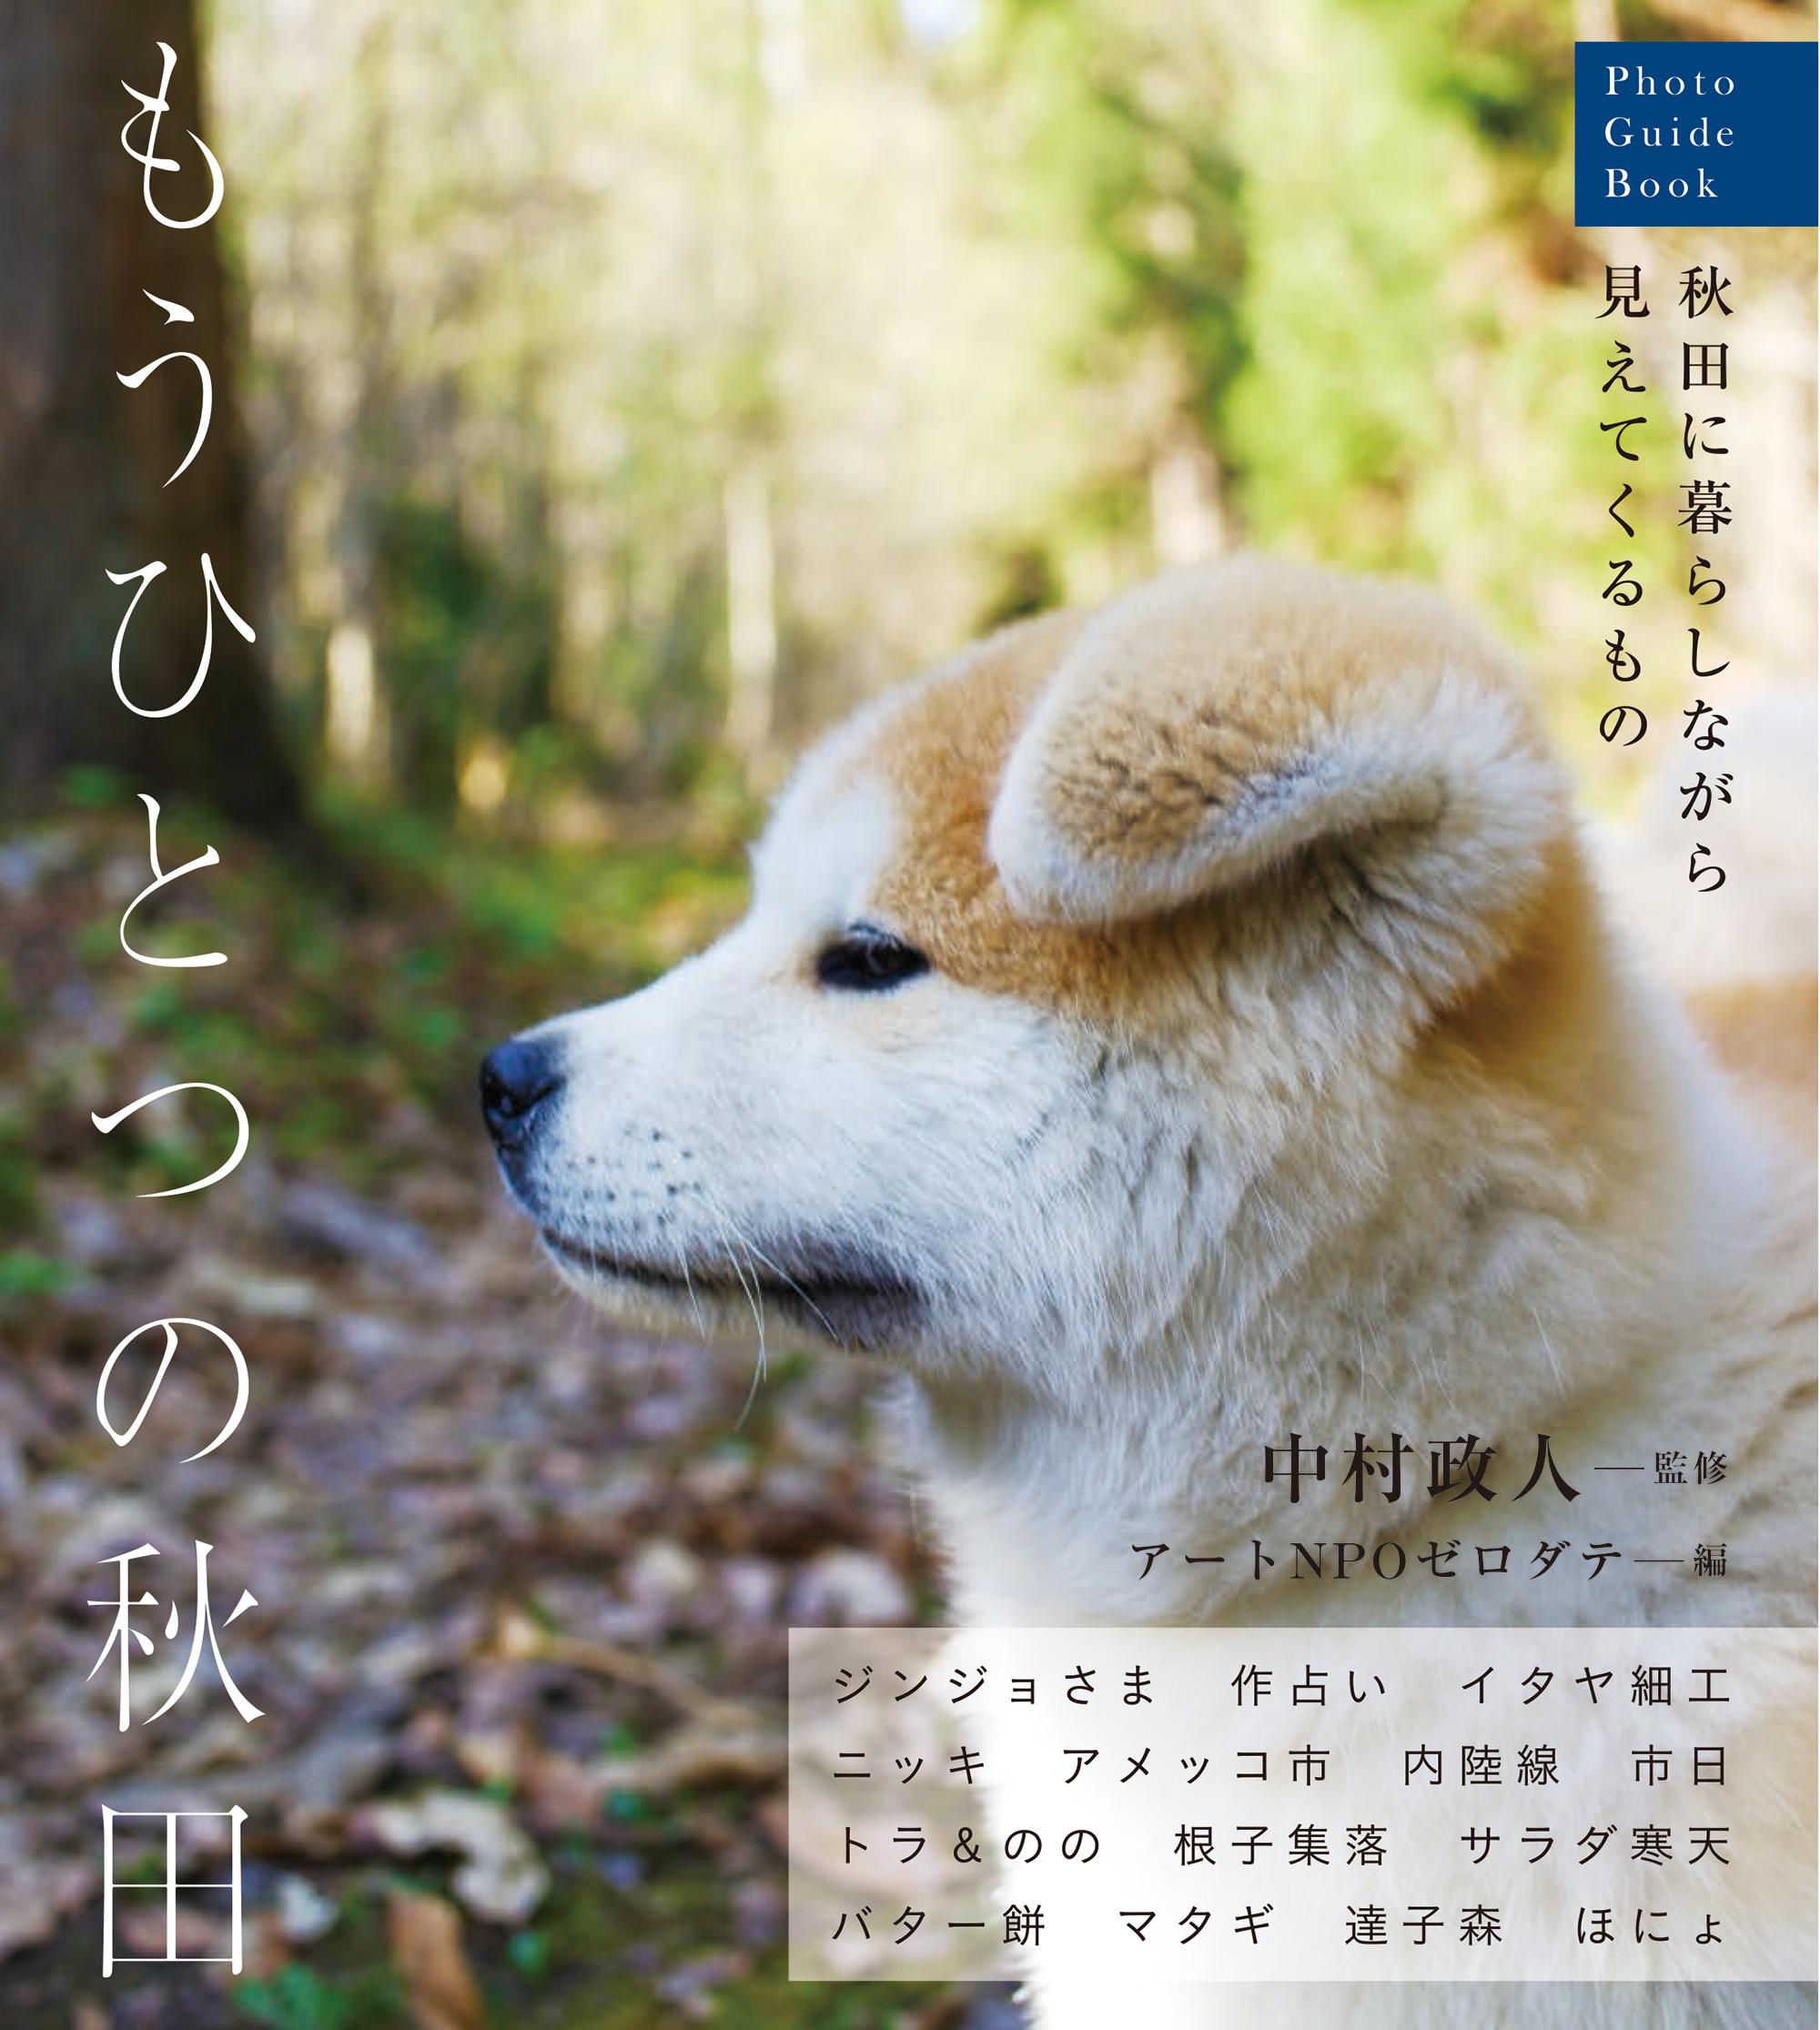 書籍「もうひとつの秋田」